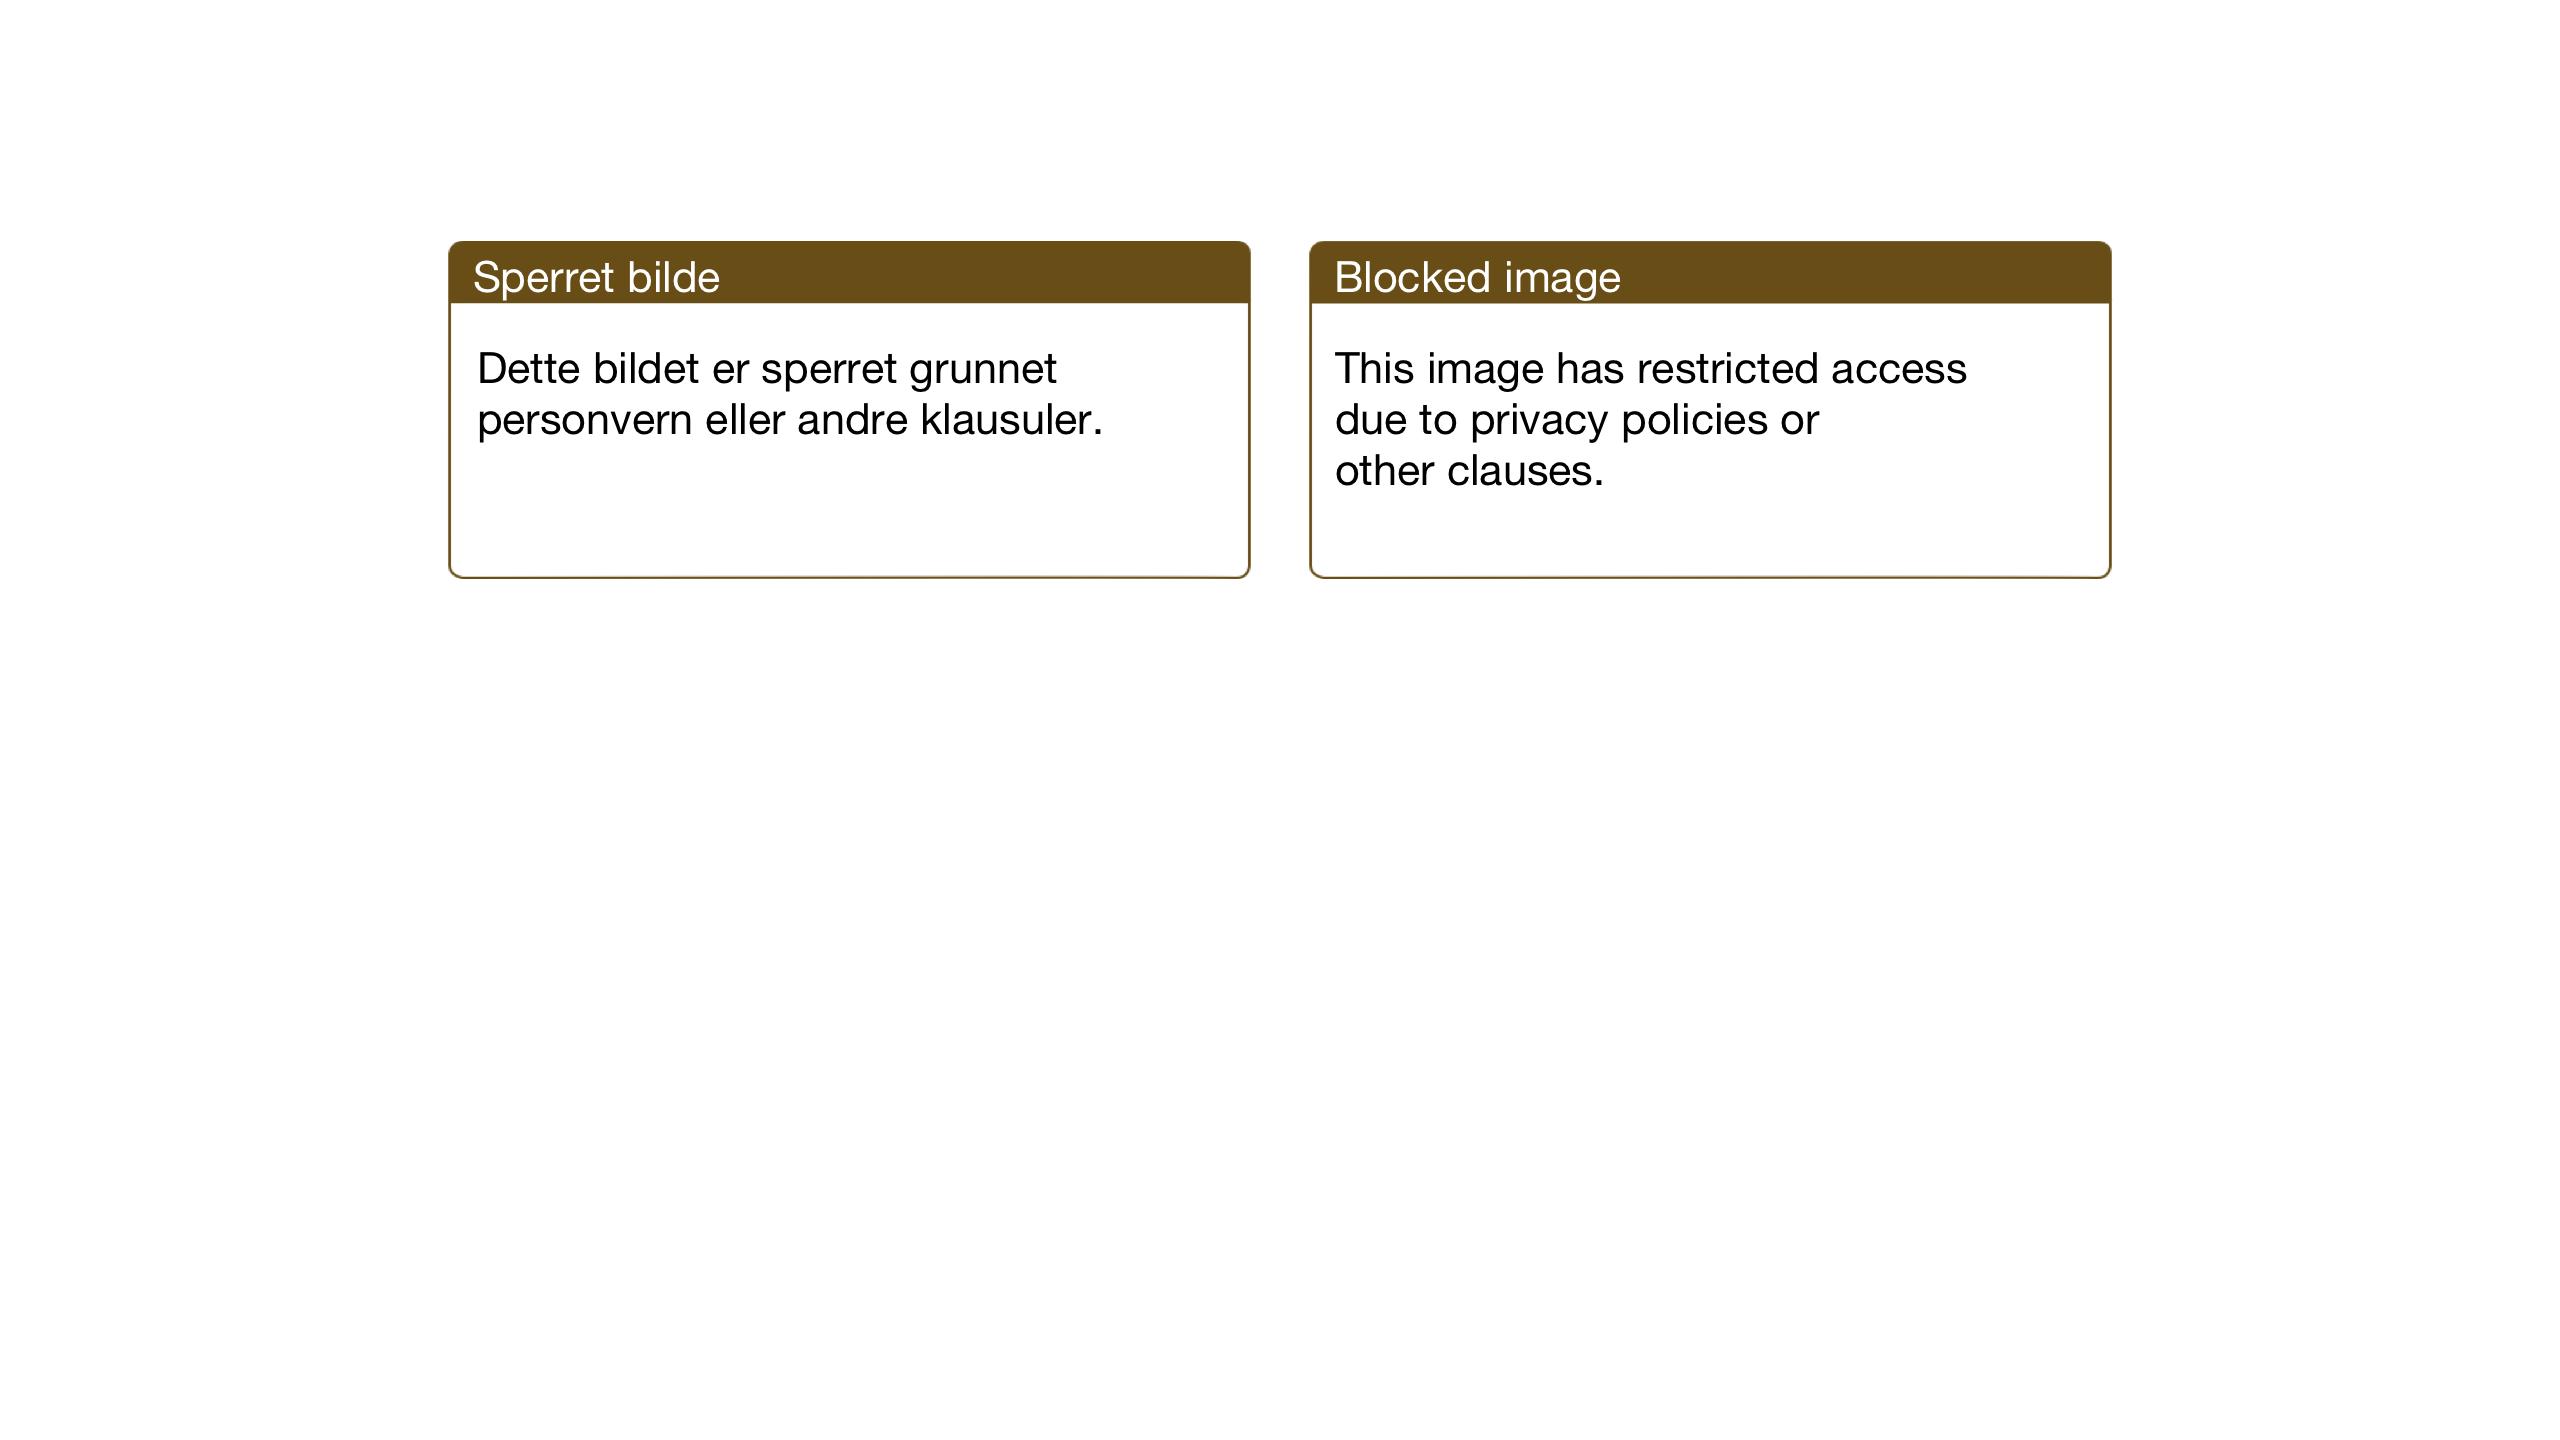 SAT, Ministerialprotokoller, klokkerbøker og fødselsregistre - Sør-Trøndelag, 655/L0690: Klokkerbok nr. 655C06, 1937-1950, s. 77